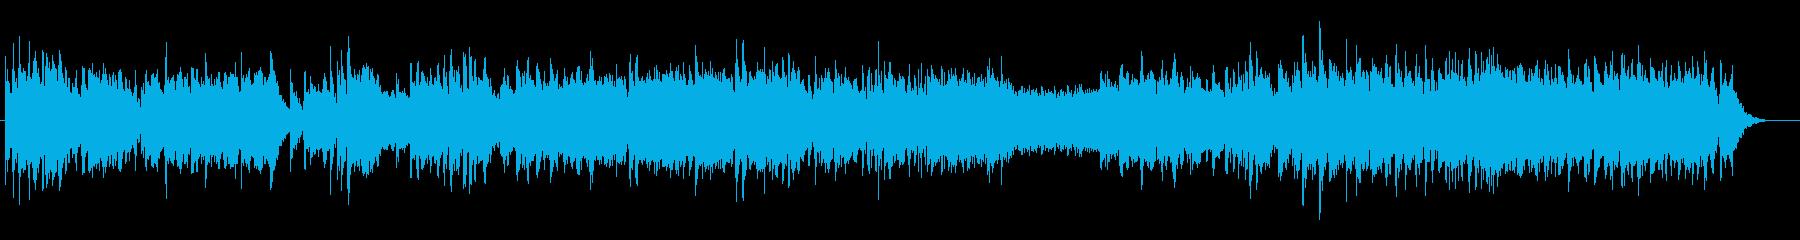 吹奏楽のためのオープニング音楽の再生済みの波形